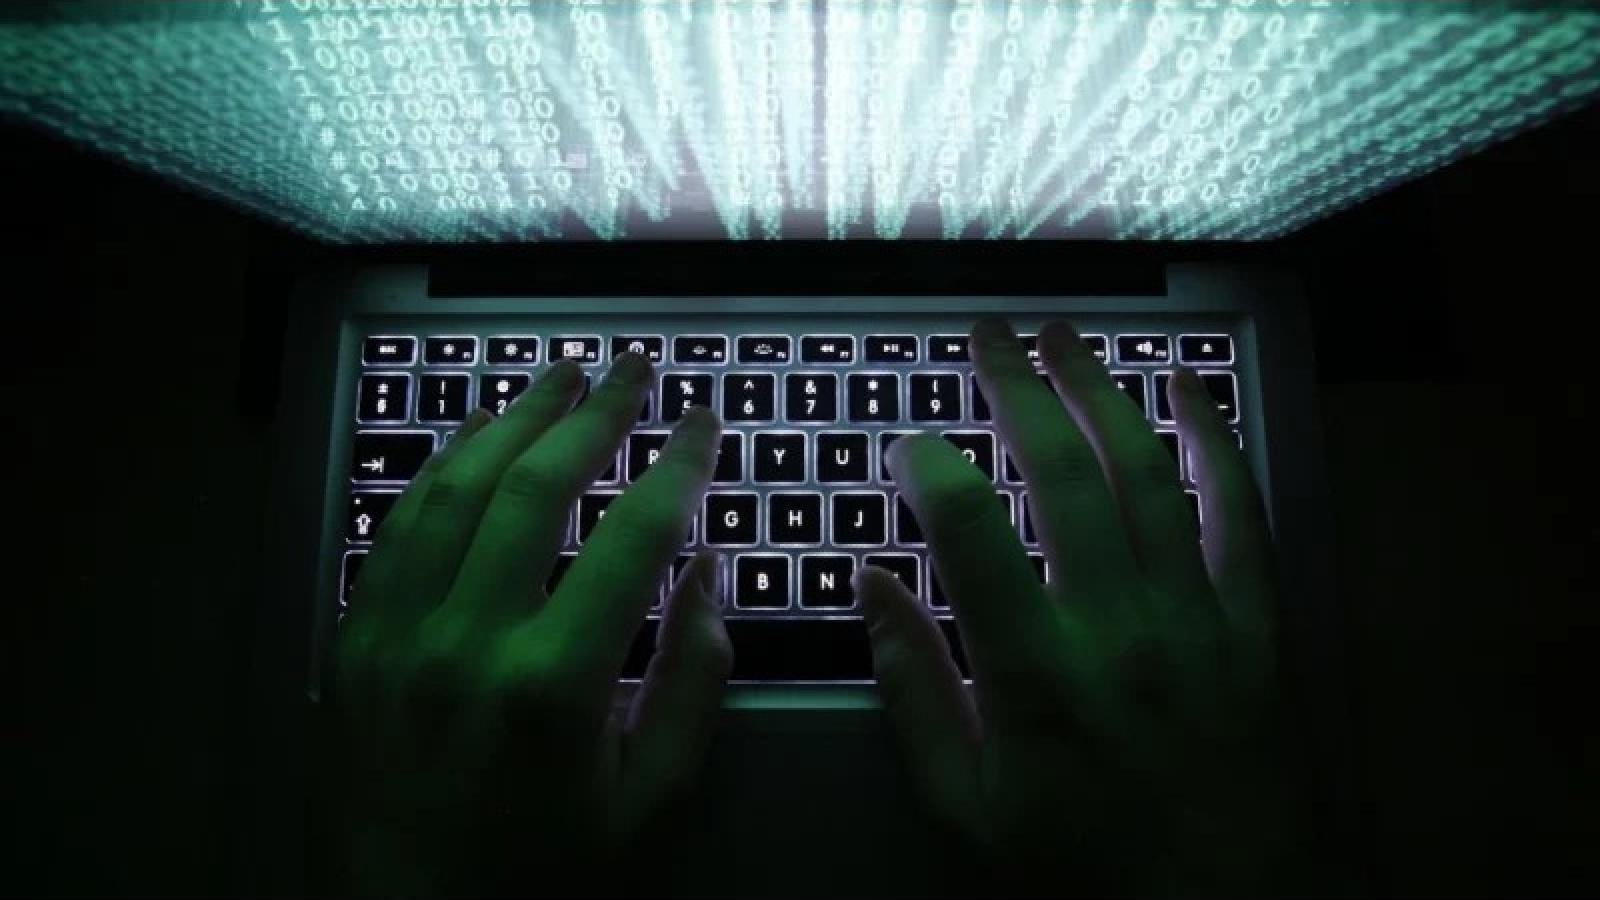 An ninh mạng là một trong những mối đe dọa lớn nhất với Australia